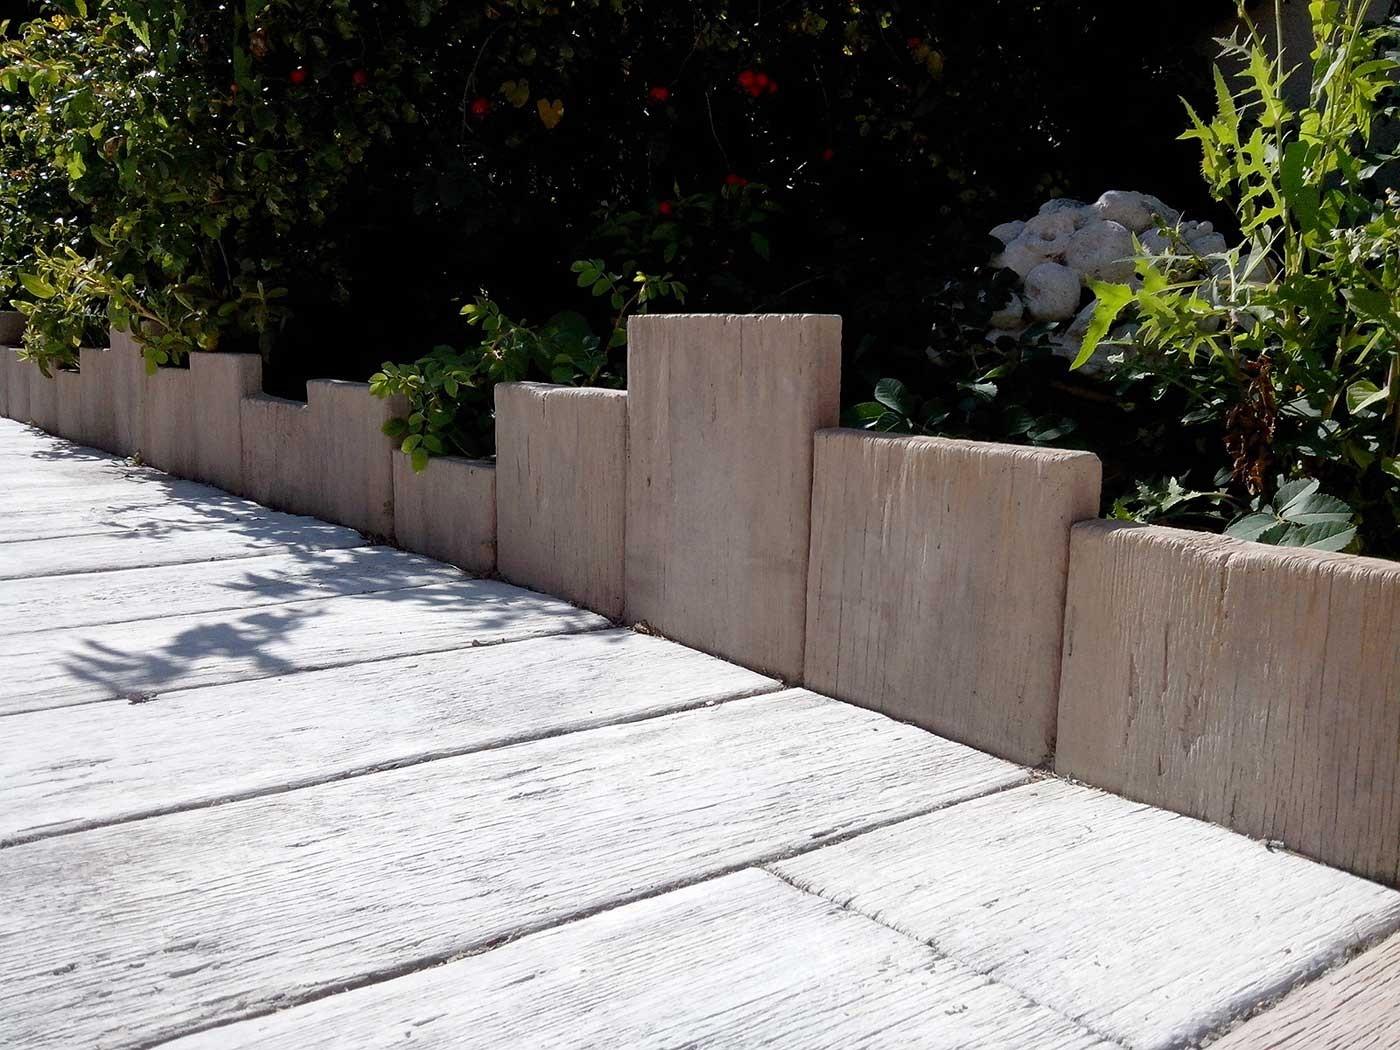 Bordure De Jardin En Pierre Reconstituée Planche Apparence ... intérieur Bordure De Jardin En Palette